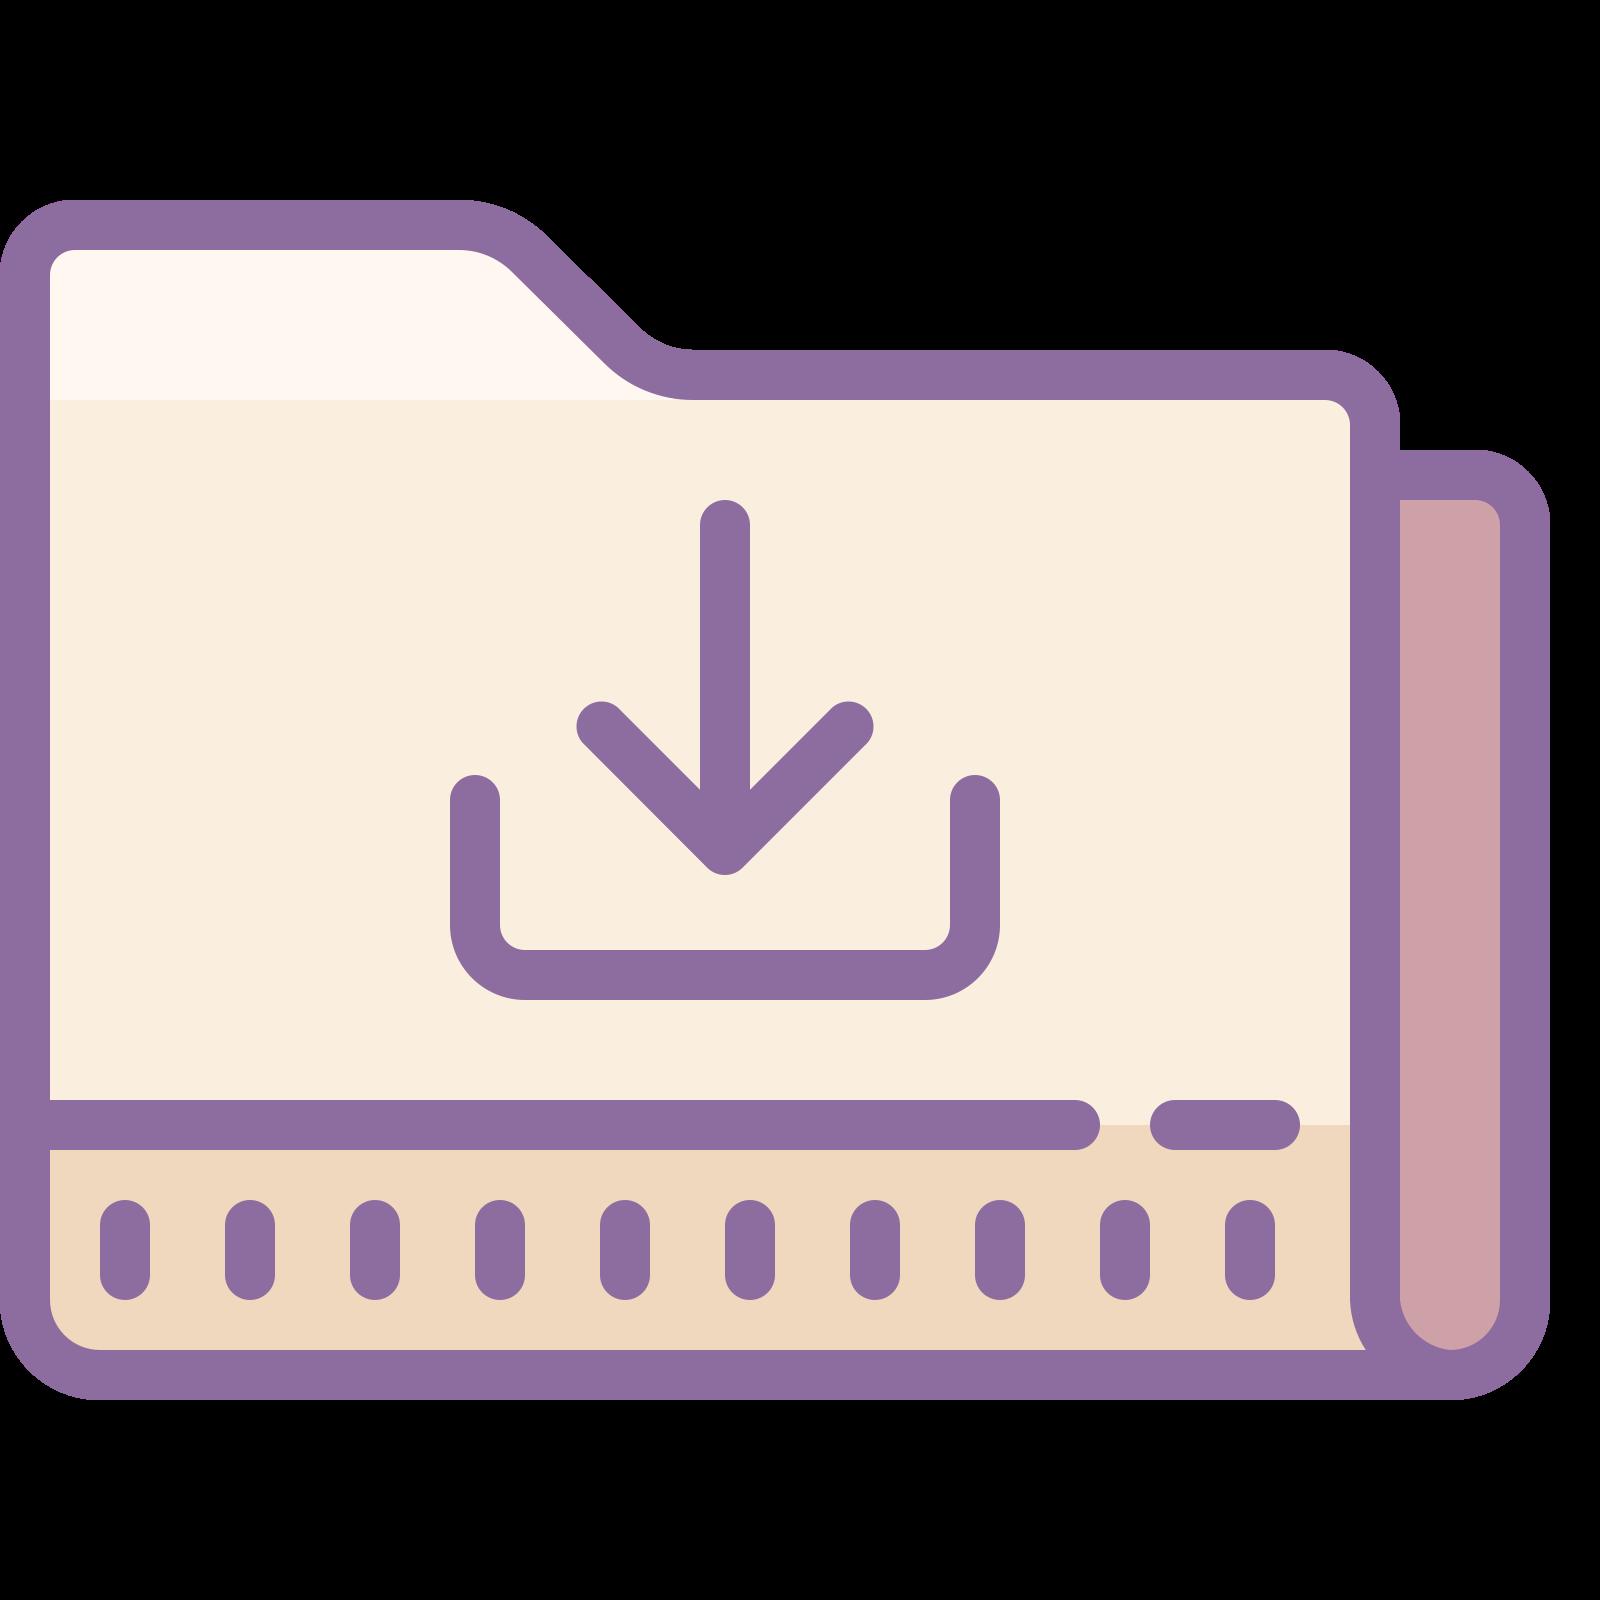 Folder Pobrane icon